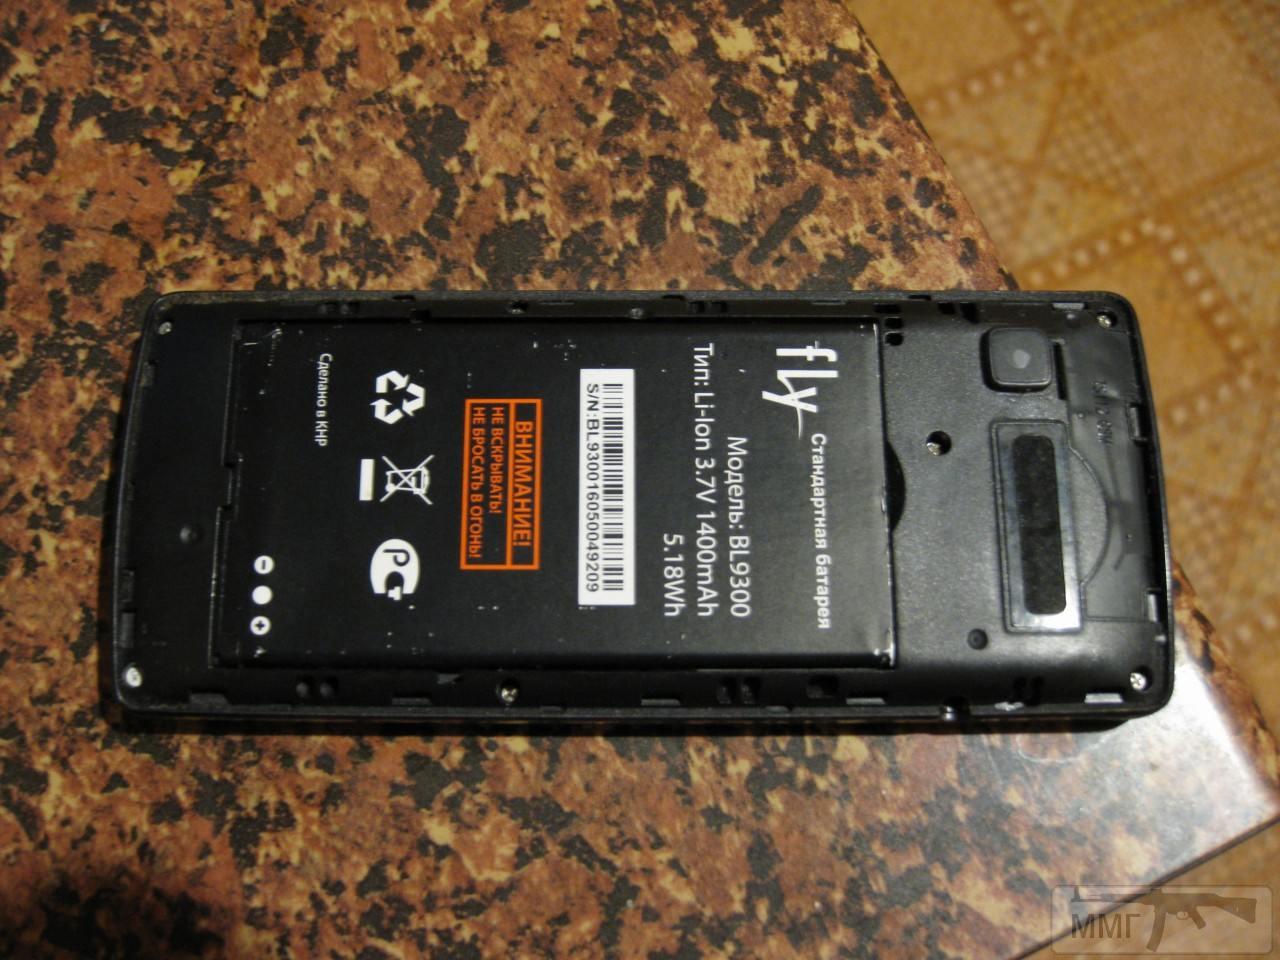 38953 - Ремейк Nokia 3310... о мобилках и мобильной связи.